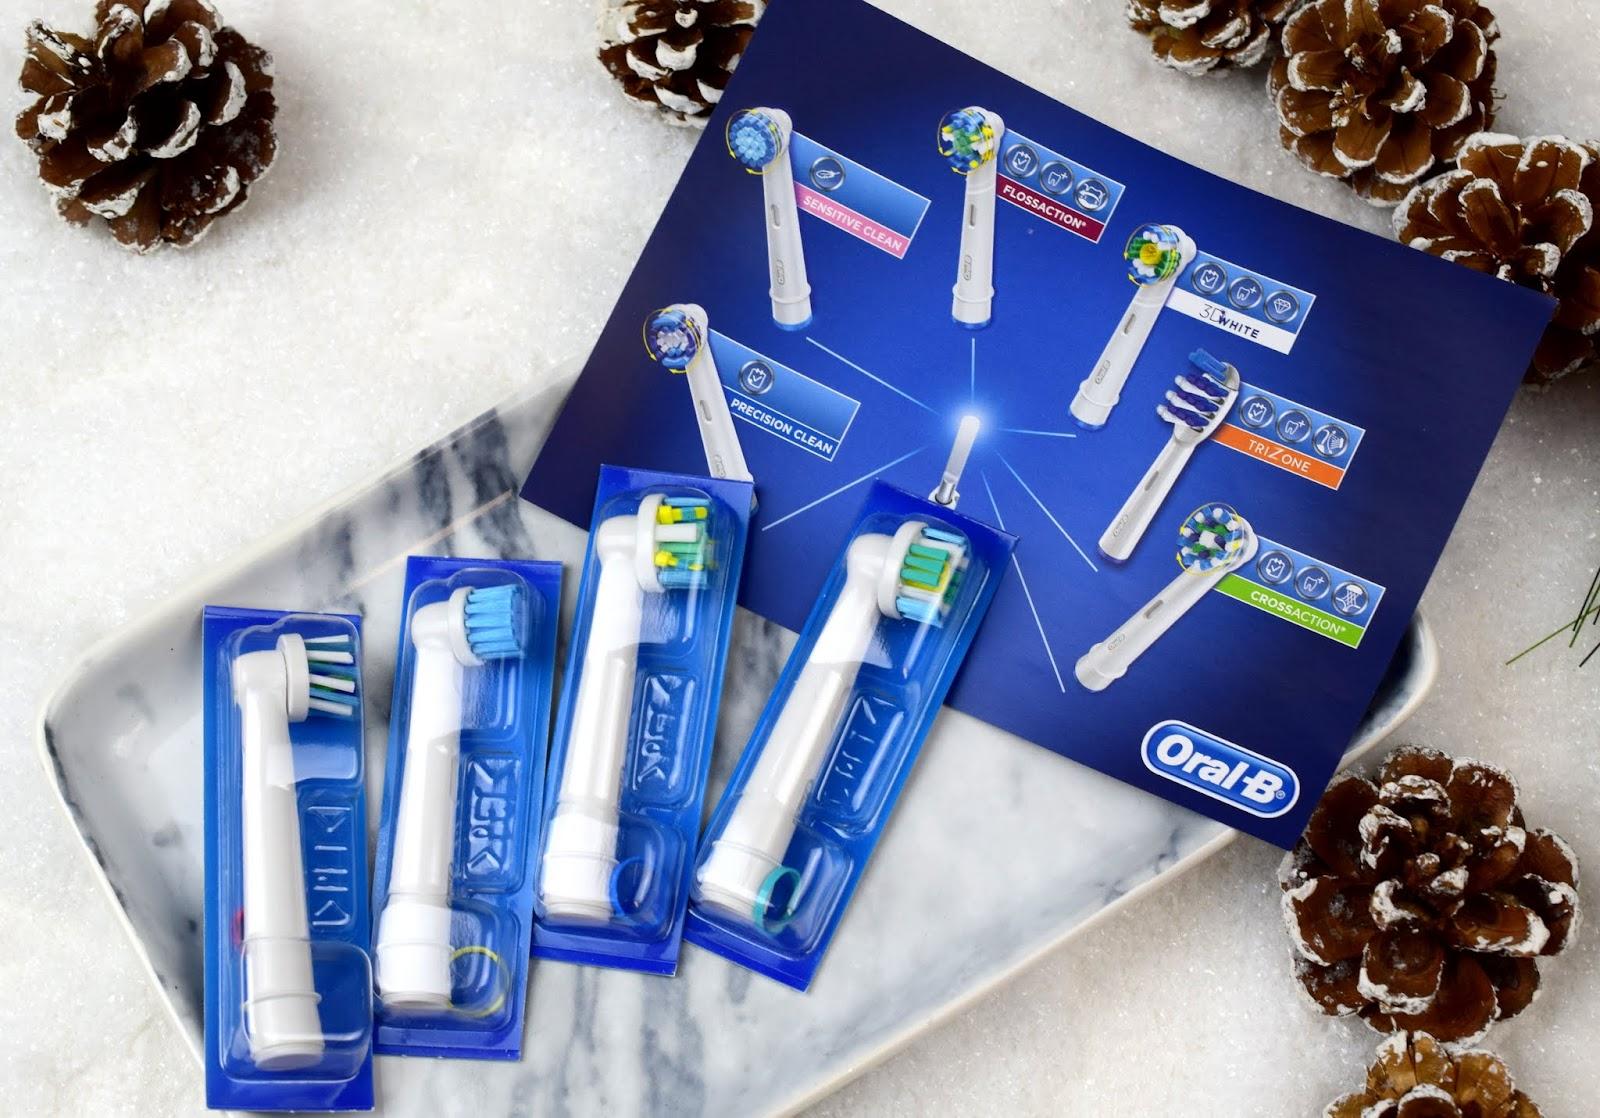 Oral-B White Pro 7000 SmartSeries Elektrische Zahnbürste